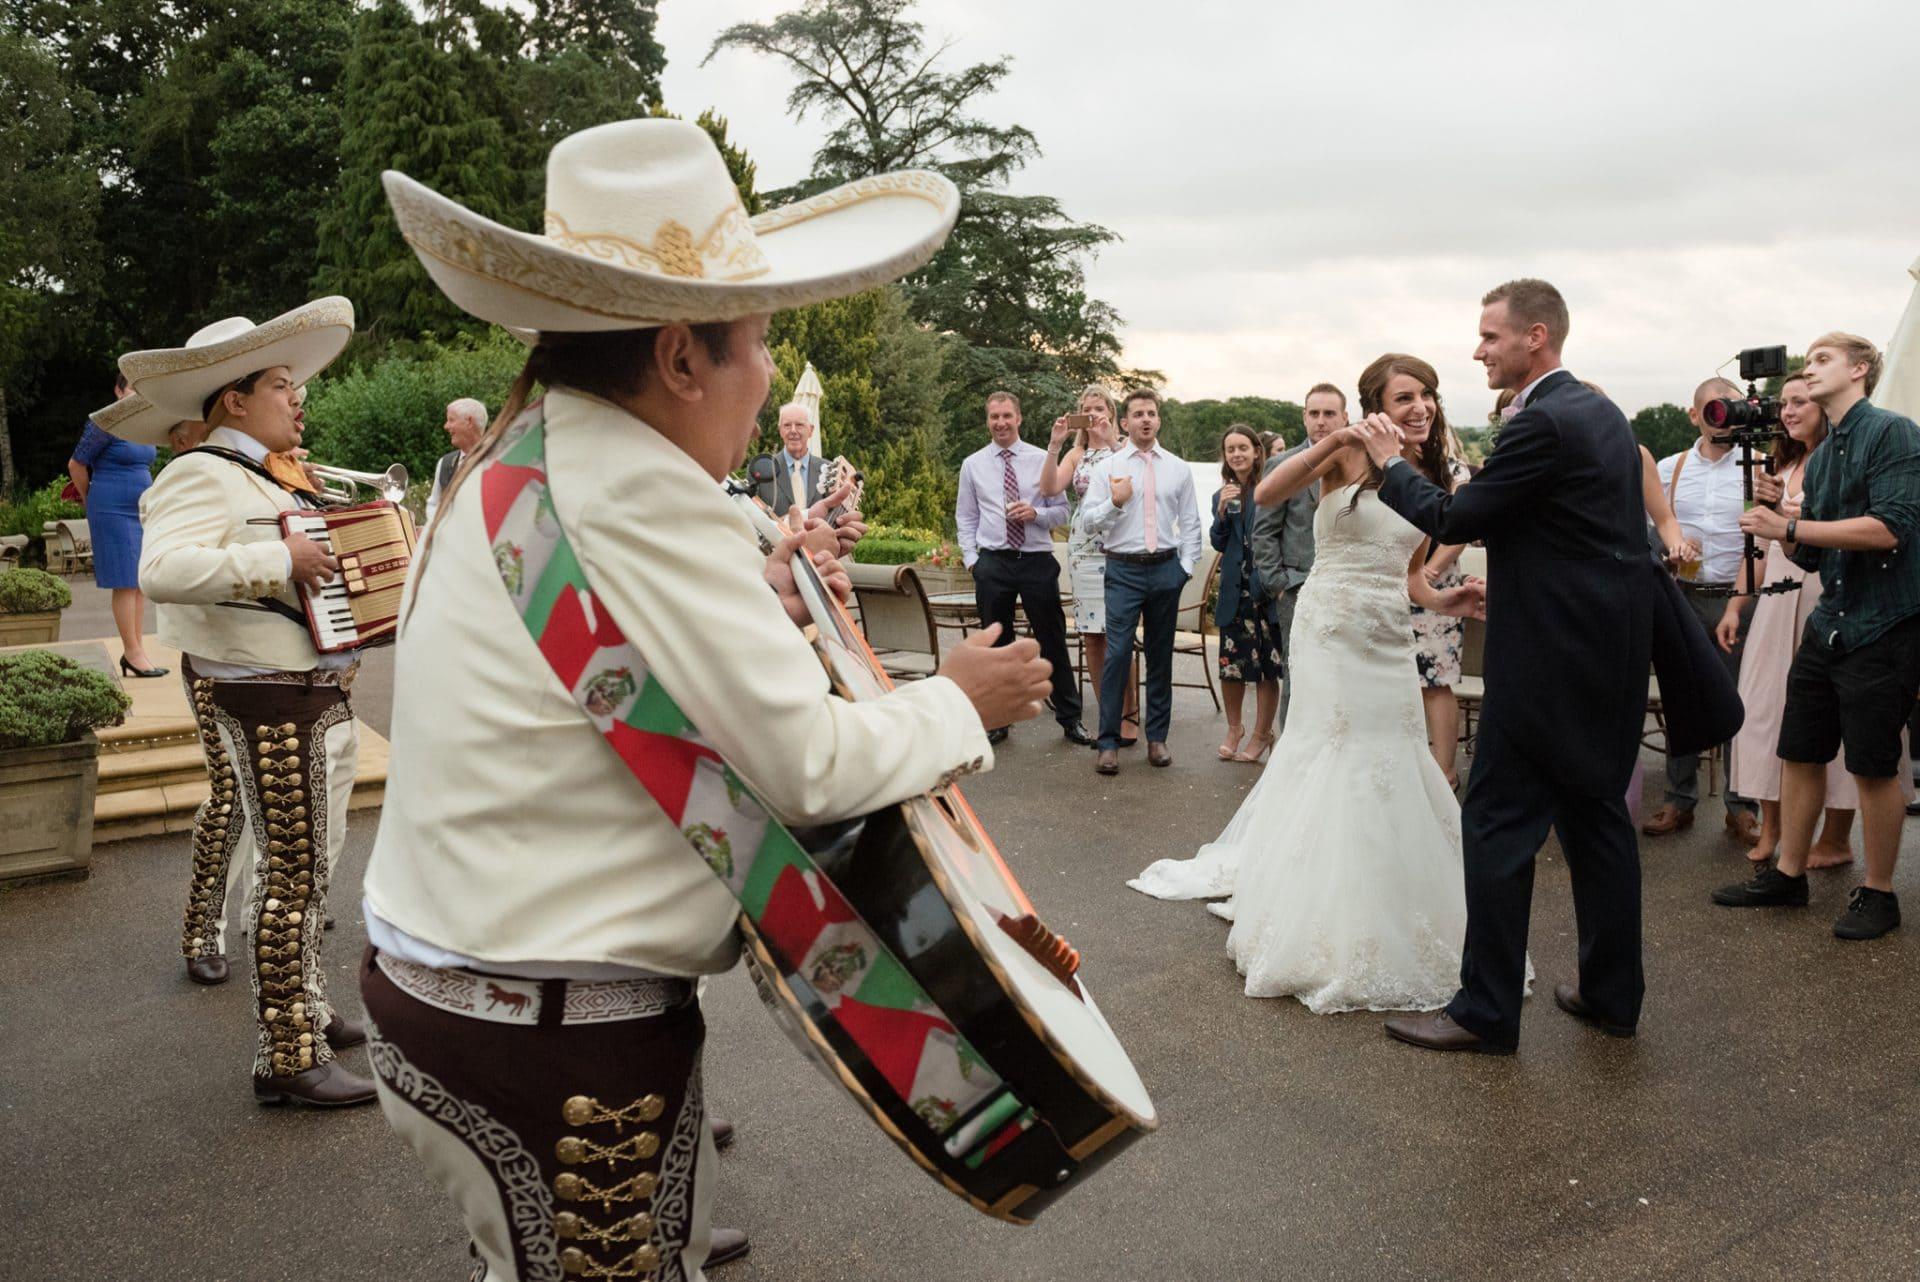 Mariachi band at a wedding